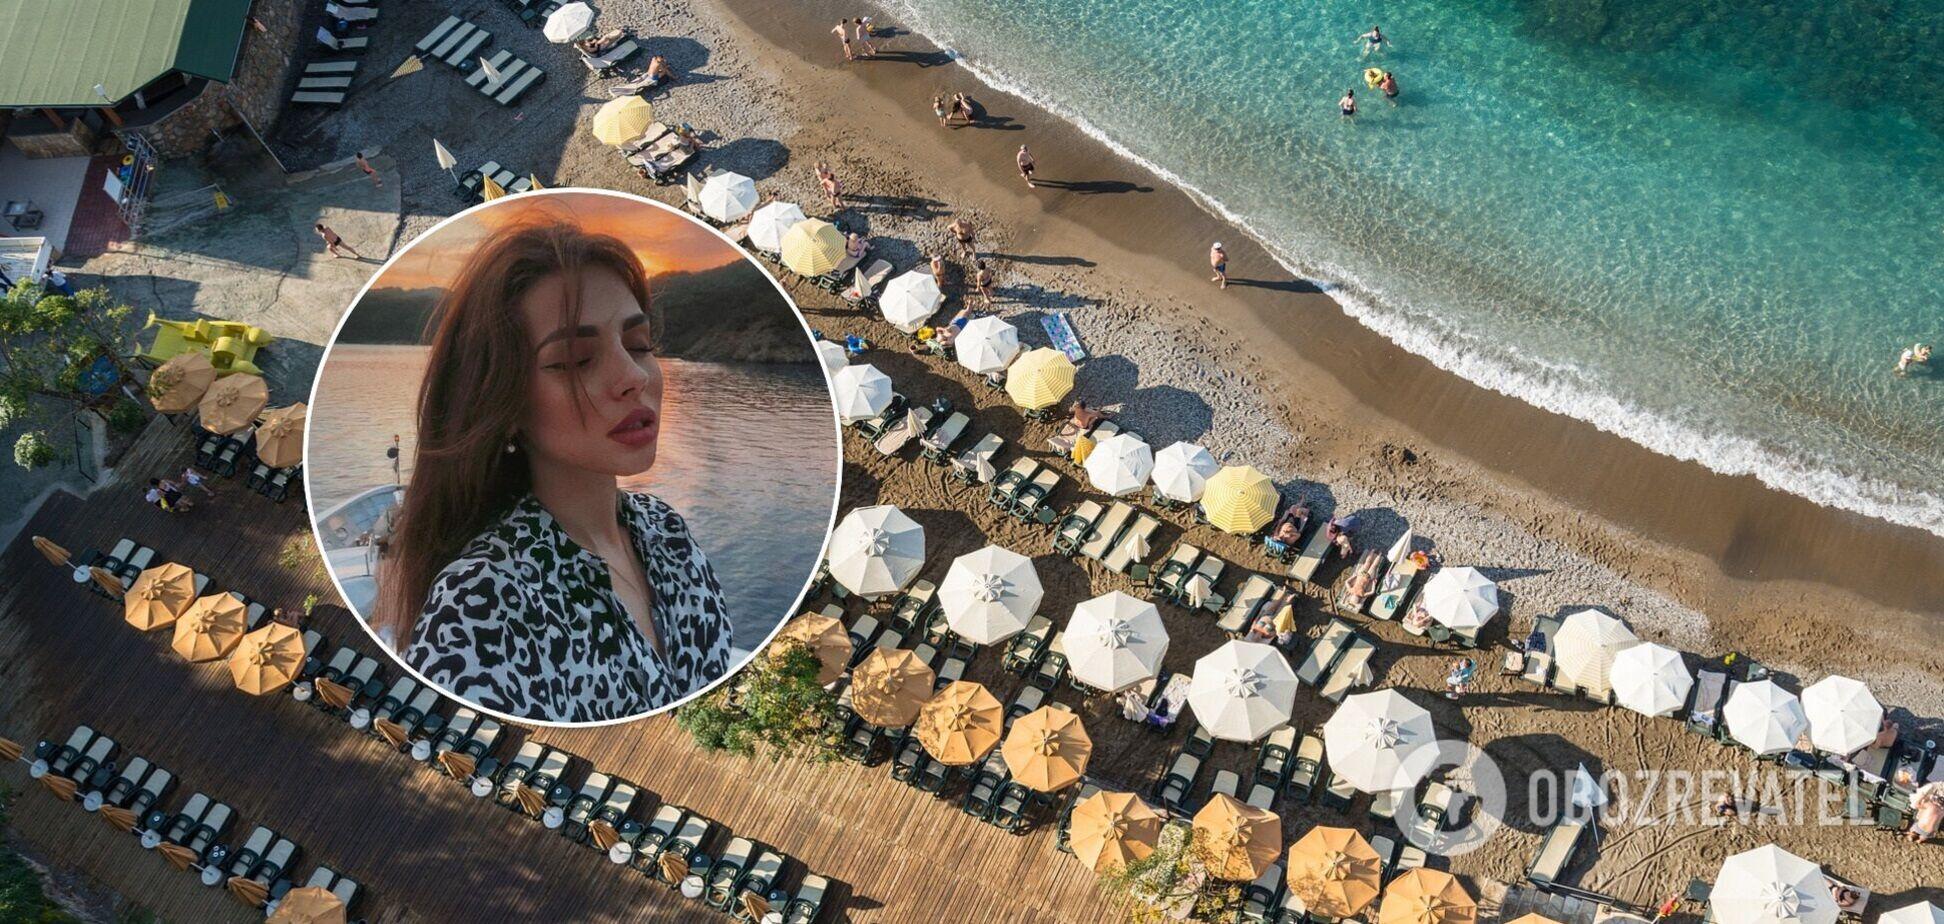 Учасниця відвертої фотосесії в Туреччині показала нові фото